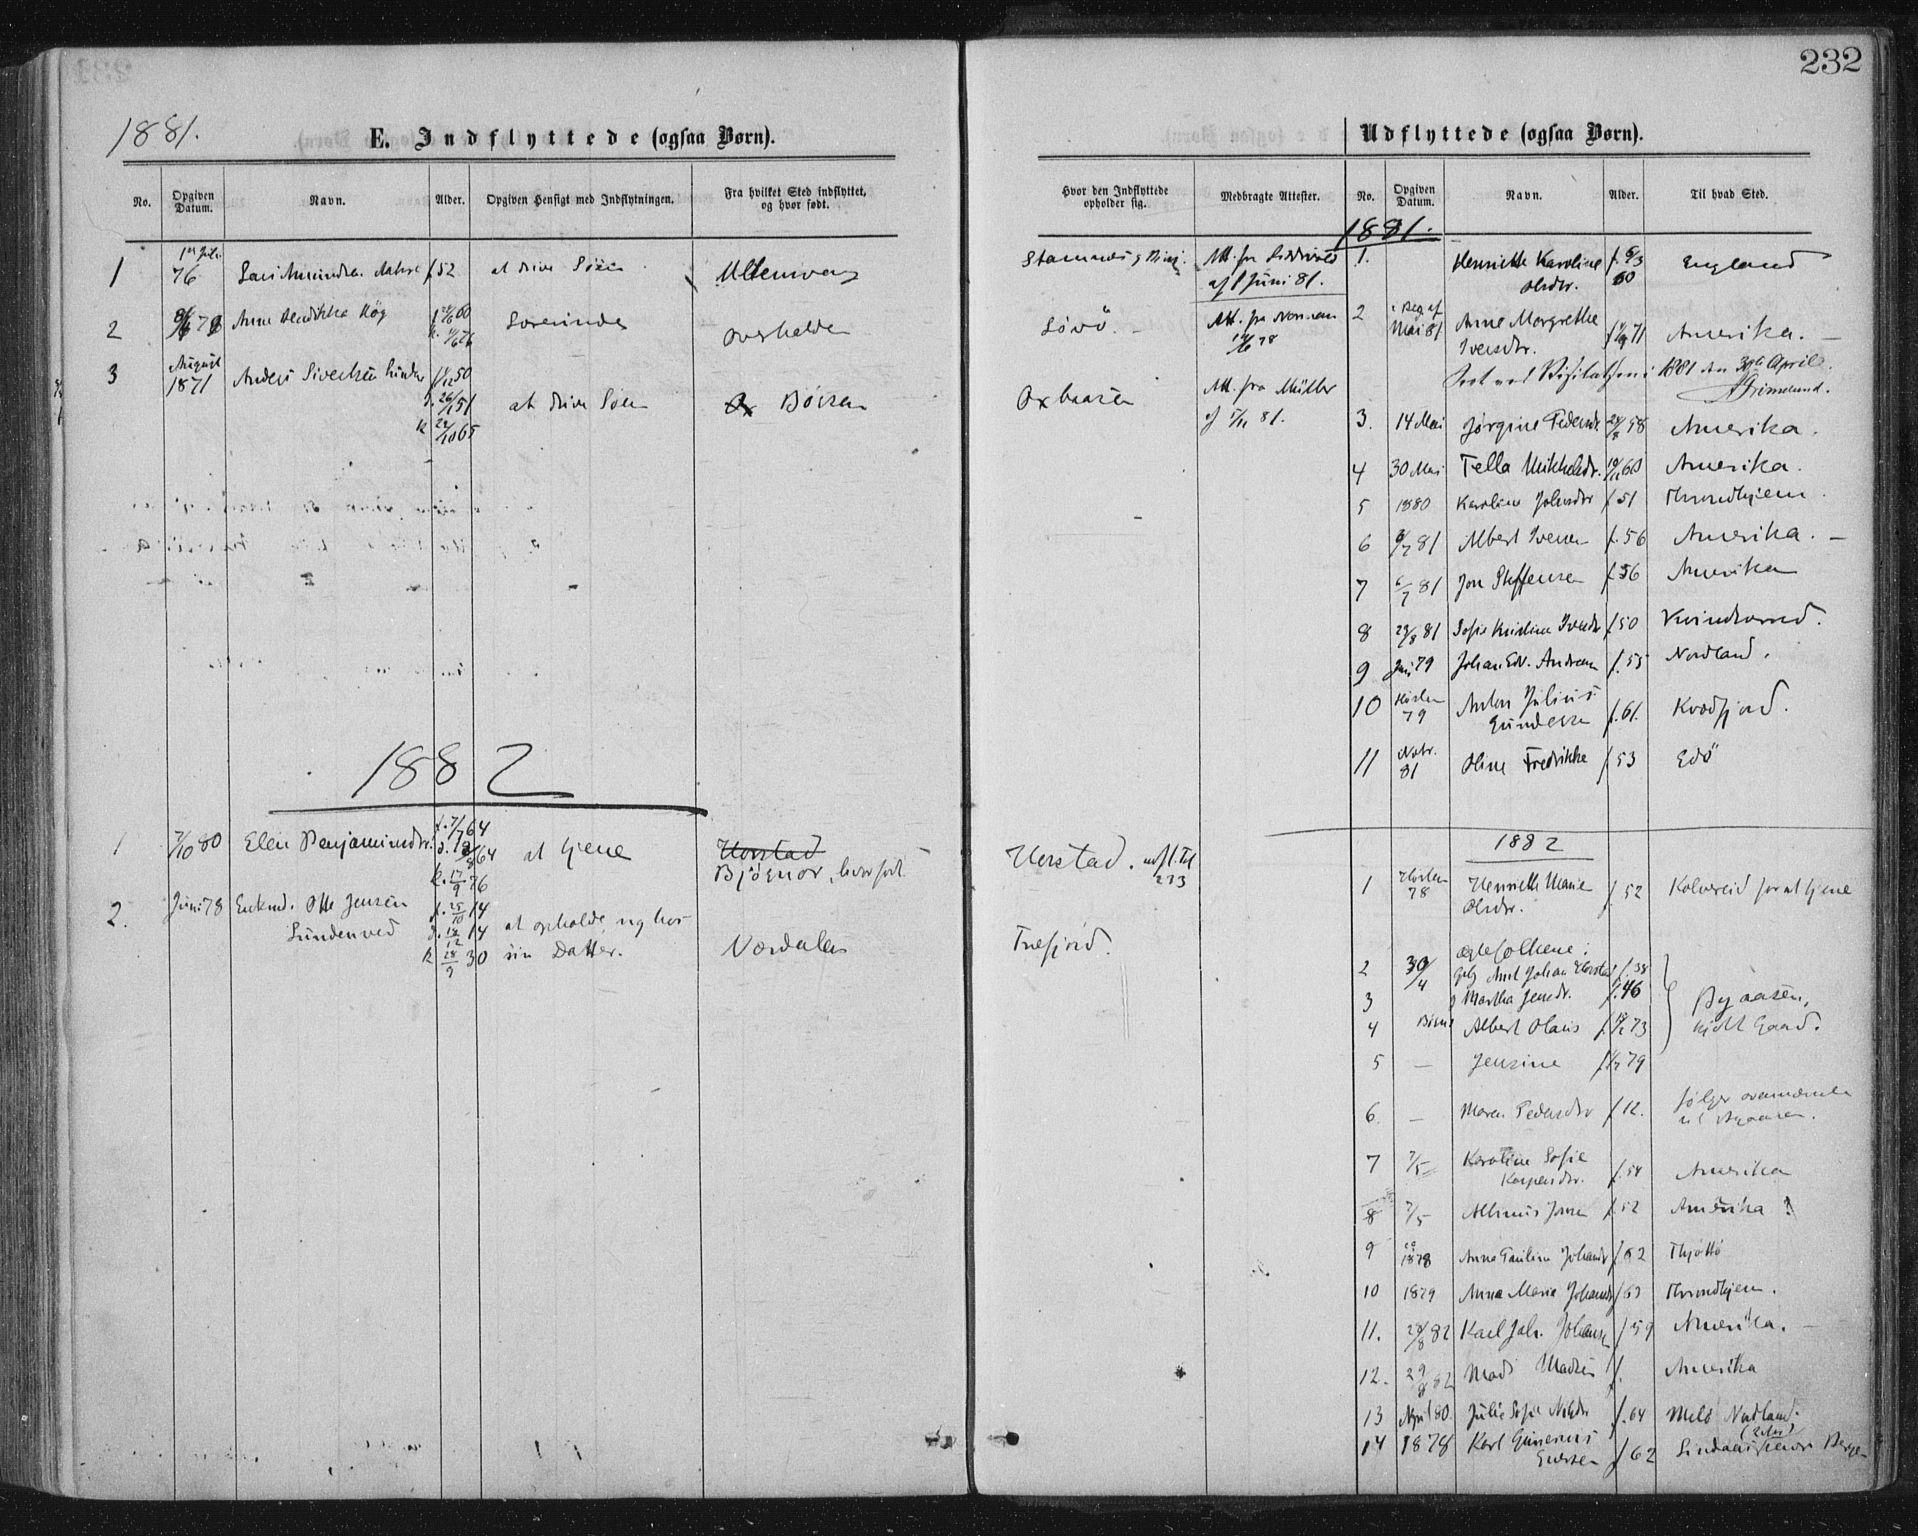 SAT, Ministerialprotokoller, klokkerbøker og fødselsregistre - Nord-Trøndelag, 771/L0596: Ministerialbok nr. 771A03, 1870-1884, s. 232